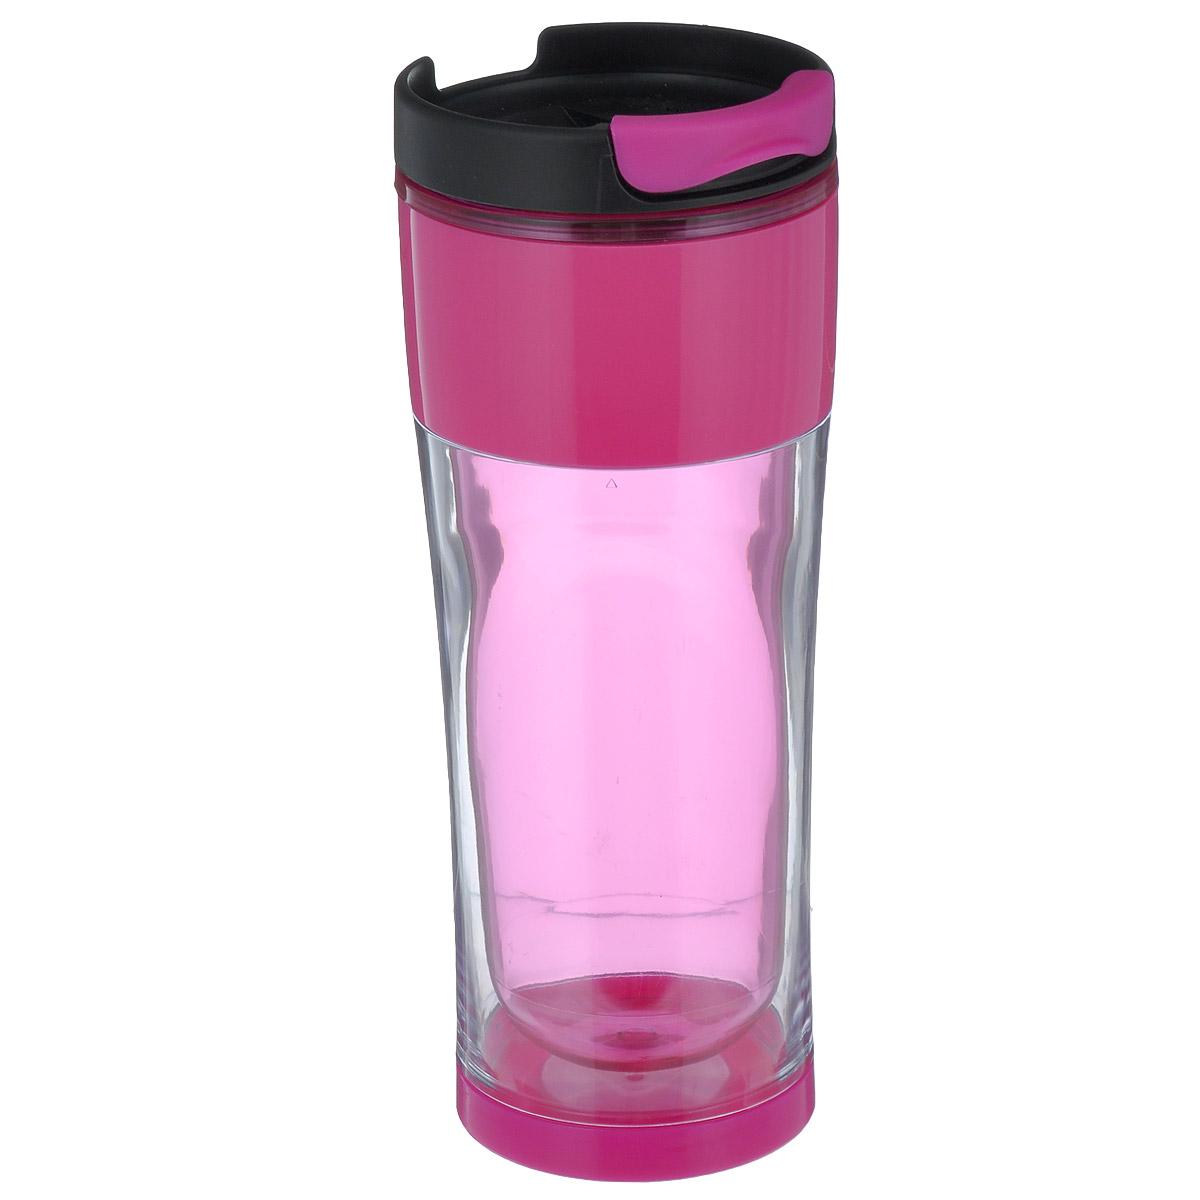 Кружка дорожная Cool Gear Design для горячих напитков, цвет: прозрачный, розовый, черный, 420 мл. 1873115510Дорожная кружка Cool Gear Design изготовлена из высококачественного BPA-free пластика, не содержащего токсичных веществ. Двойные стенки дольше сохраняют напиток горячим и не обжигают руки. Надежная закручивающаяся крышка с защитой от проливания обеспечит дополнительную безопасность. Крышка оснащена клапаном для питья. Оптимальный объем позволит взять с собой большую порцию горячего кофе или чая. Идеально подходит для холодных напитков. Оригинальный дизайн, яркие, жизнерадостные цвета и эргономичная форма превращают кружку в стильный и функциональный аксессуар.Кружка идеальна для ежедневного использования. Она станет вашим неотъемлемым спутником в длительных поездках или занятиях зимними видами спорта.Не рекомендуется использовать в микроволновой печи и мыть в посудомоечной машине.Диаметр кружки по верхнему краю: 8 см.Высота кружки (с учетом крышки): 21 см.